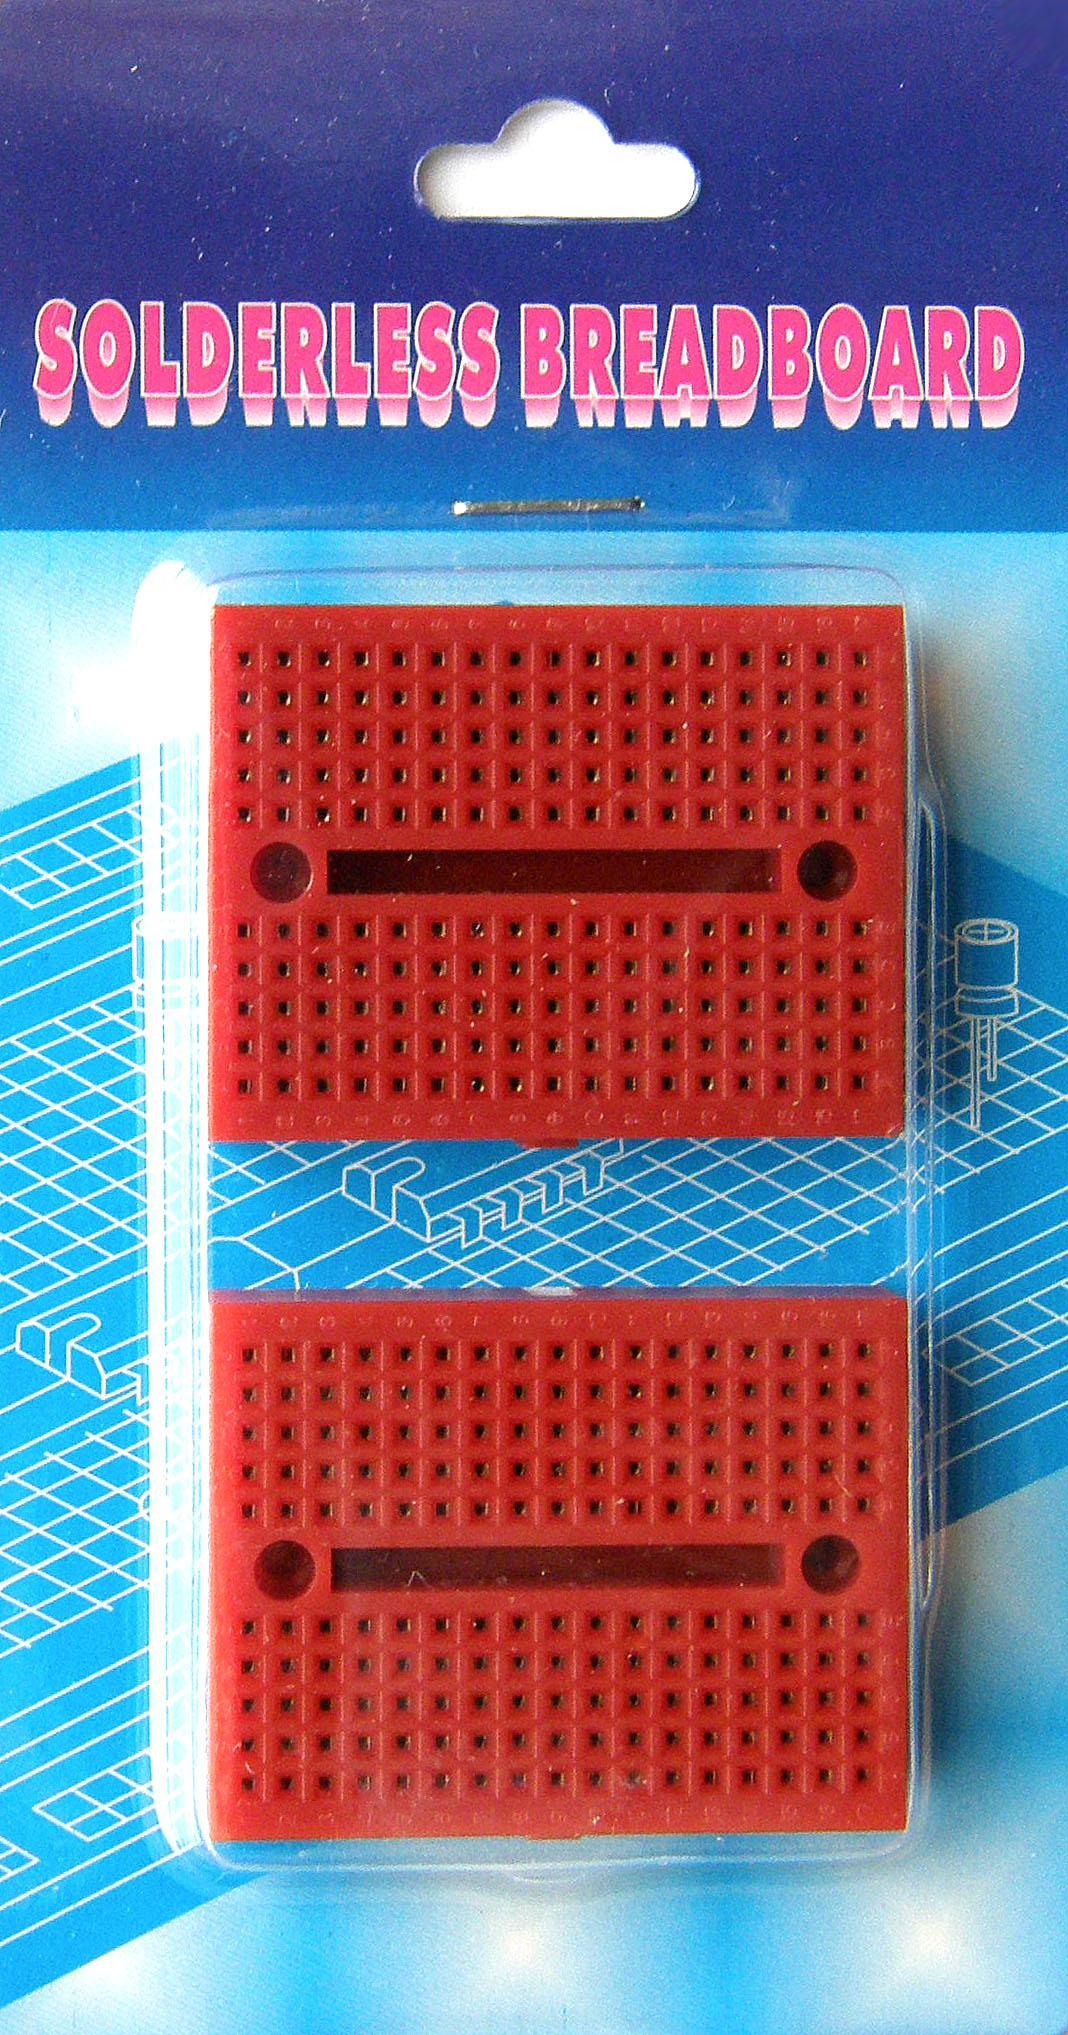 BB-601P. Набор из 2-х макетных плат для монтажа без пайки. Красные